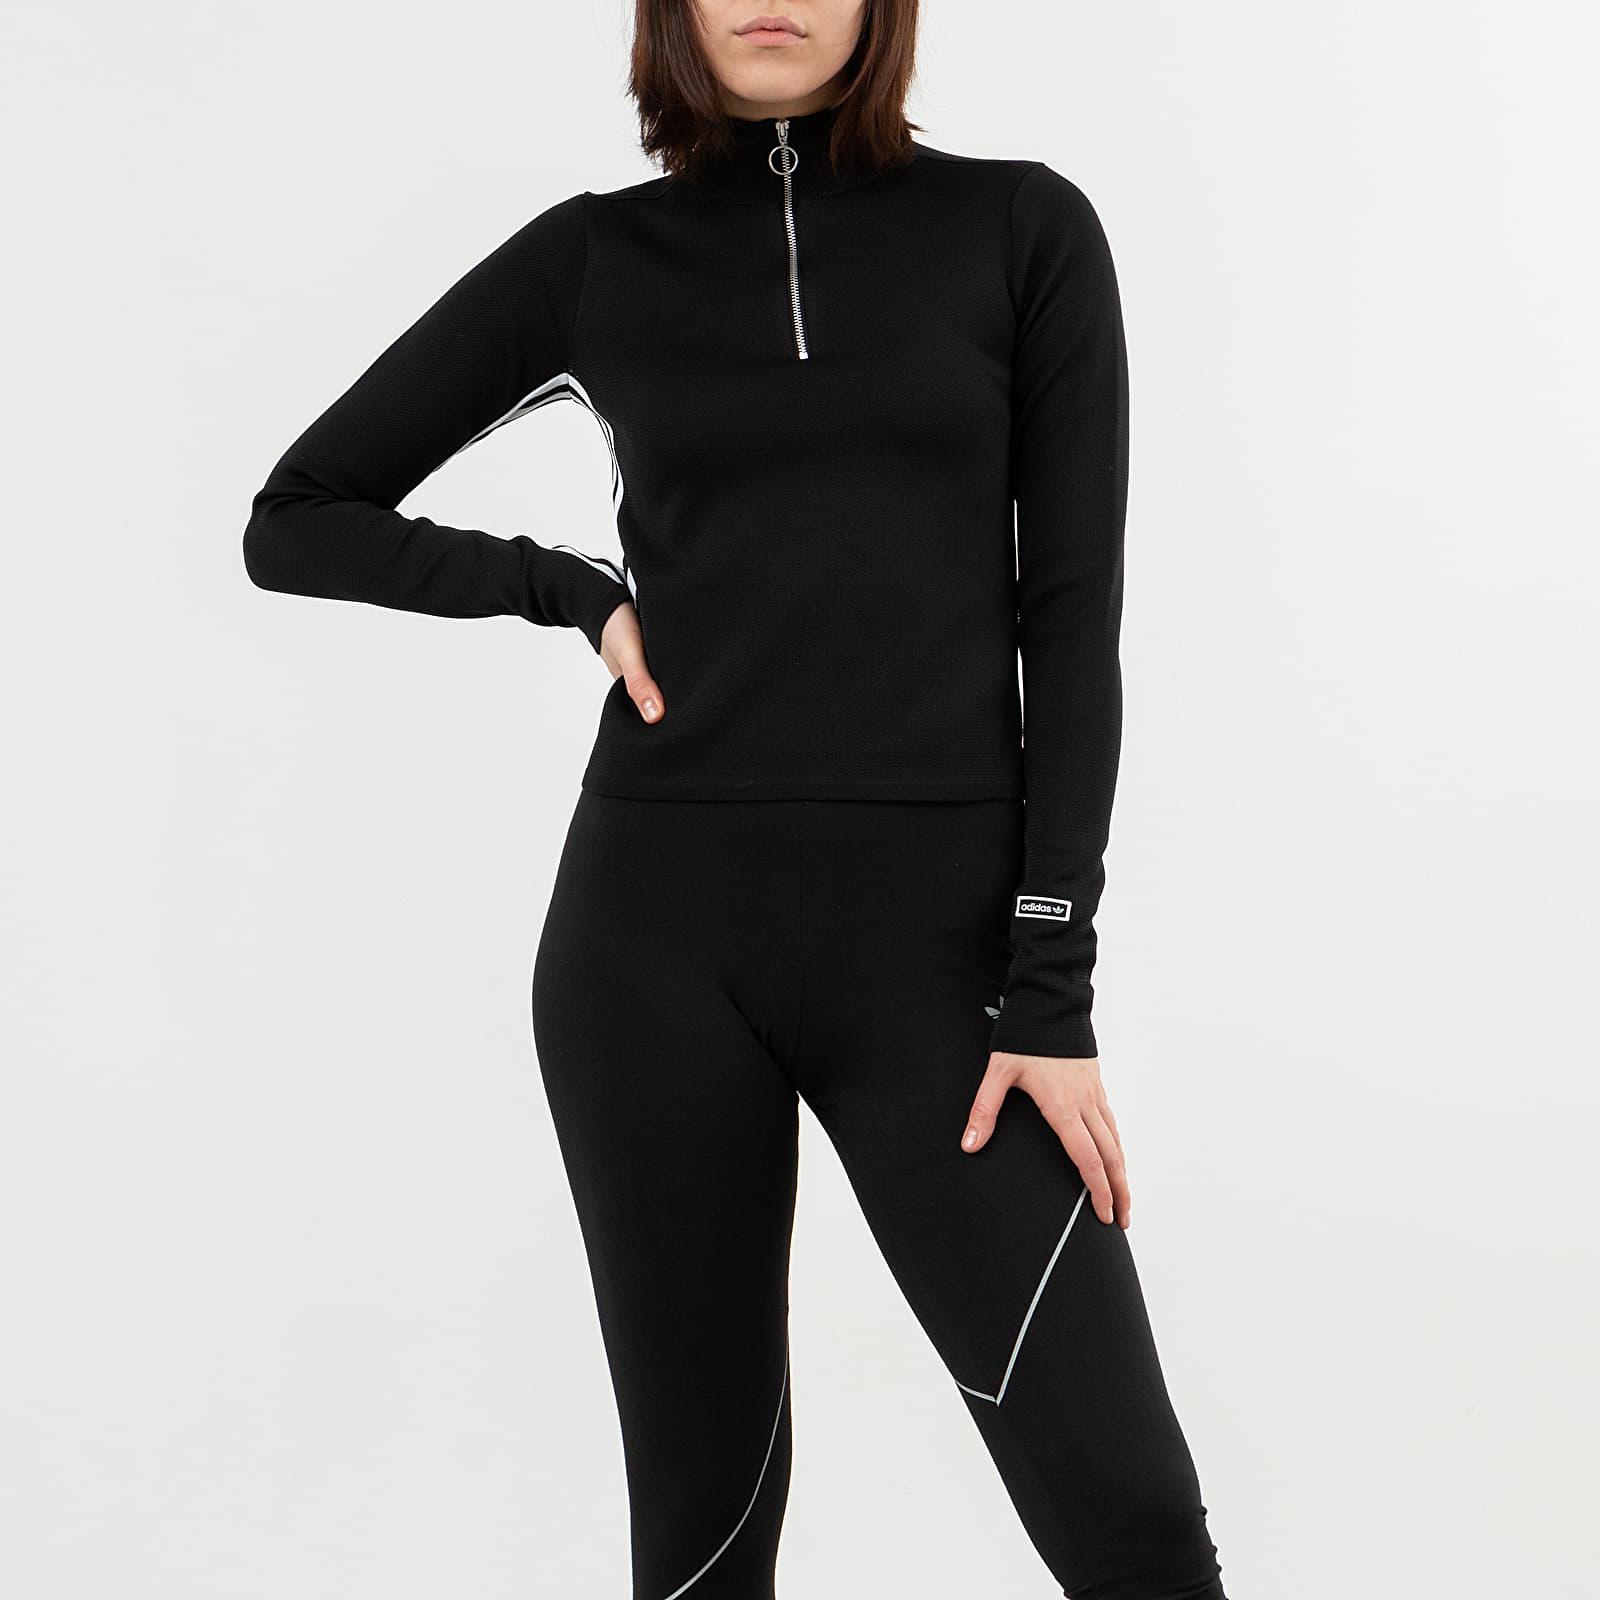 Sudaderas y suéteres adidas Tracktop Black